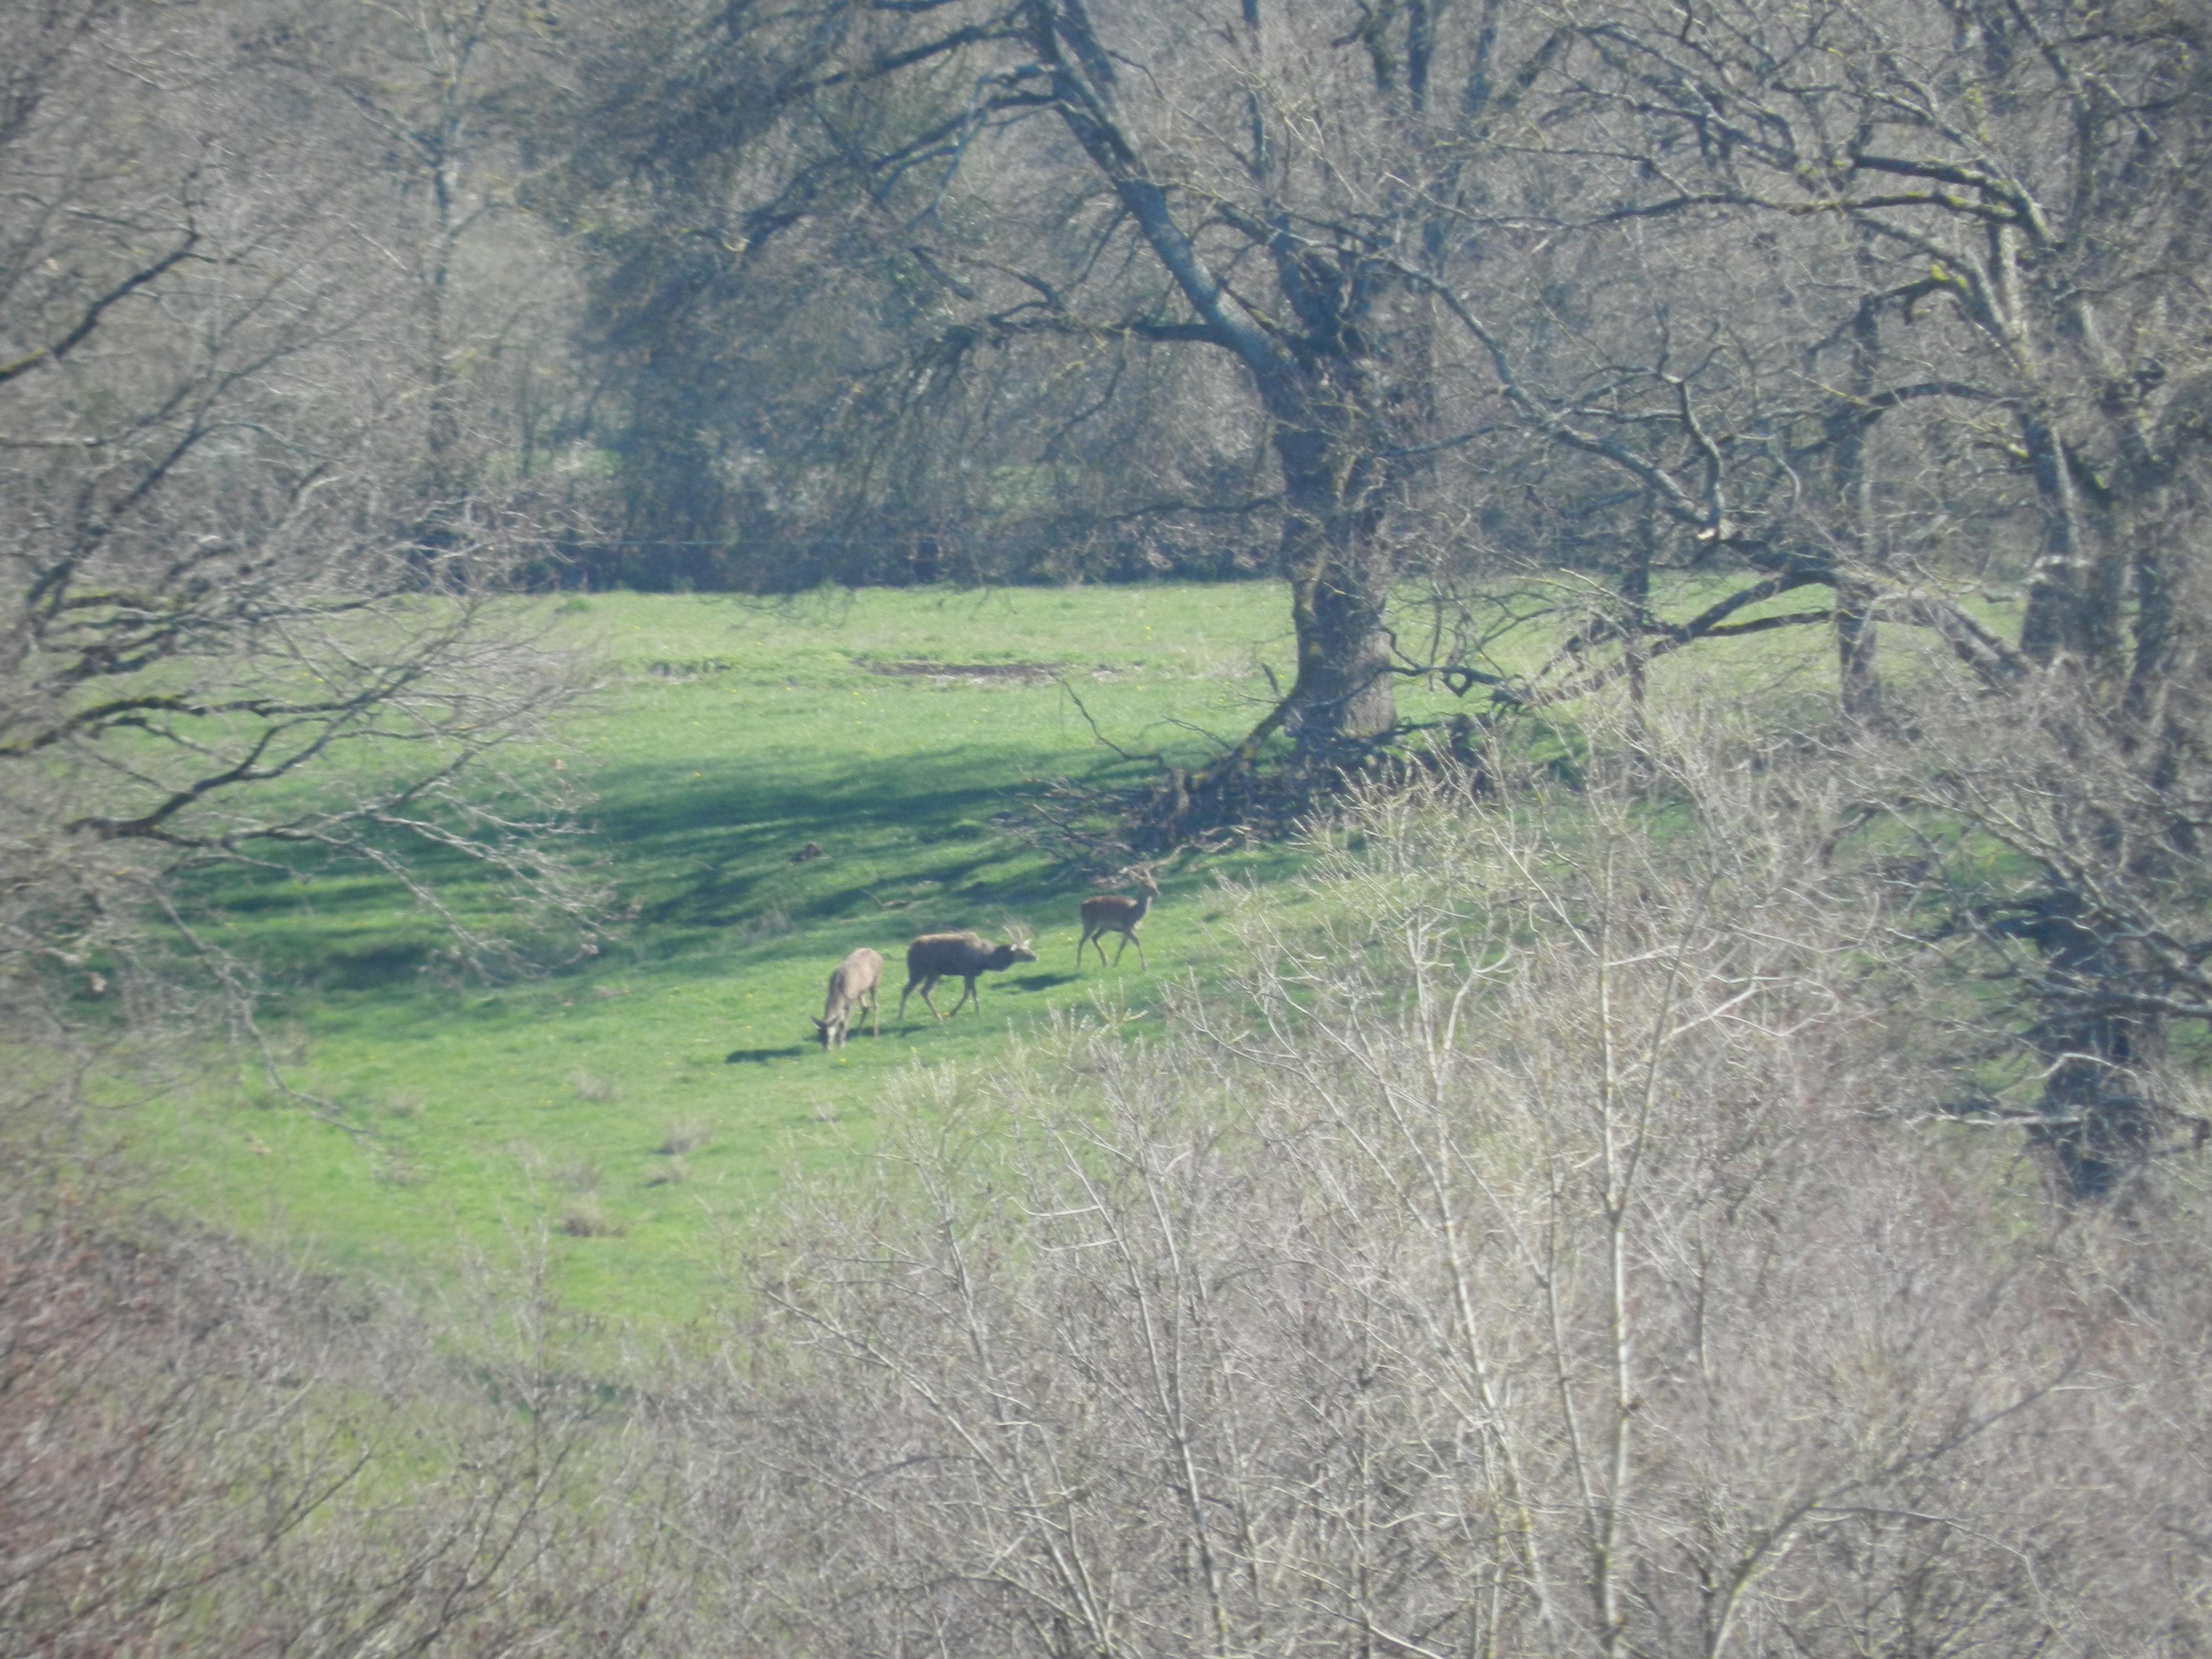 Sur la colline d'en face, 2 cerfs et une biche